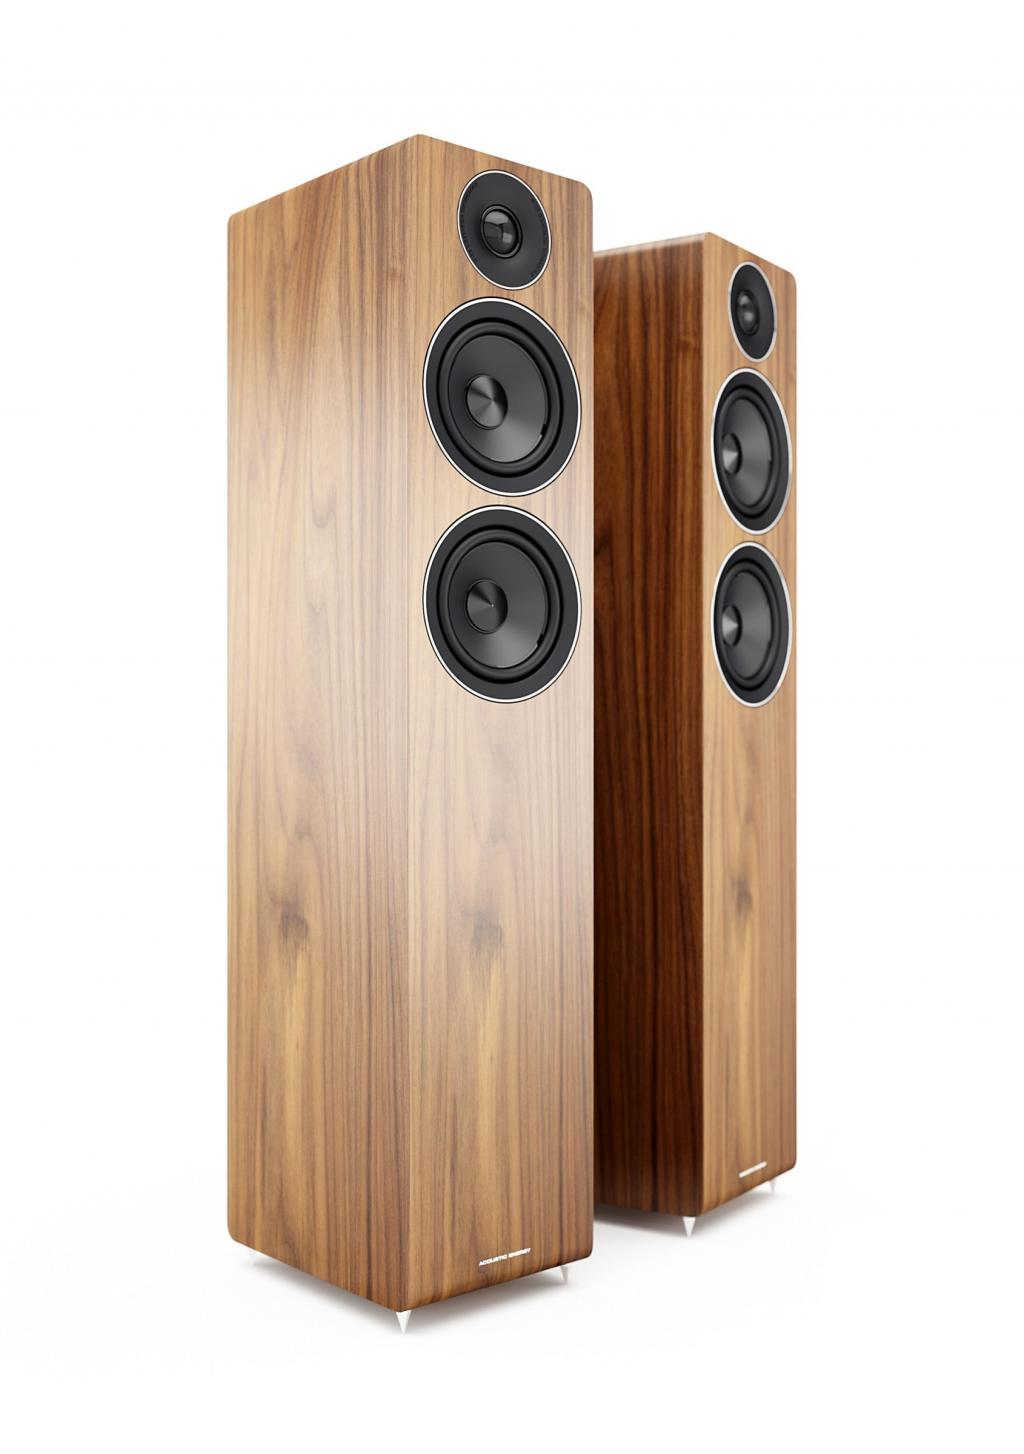 Boxe Acoustic Energy AE109 Walnut